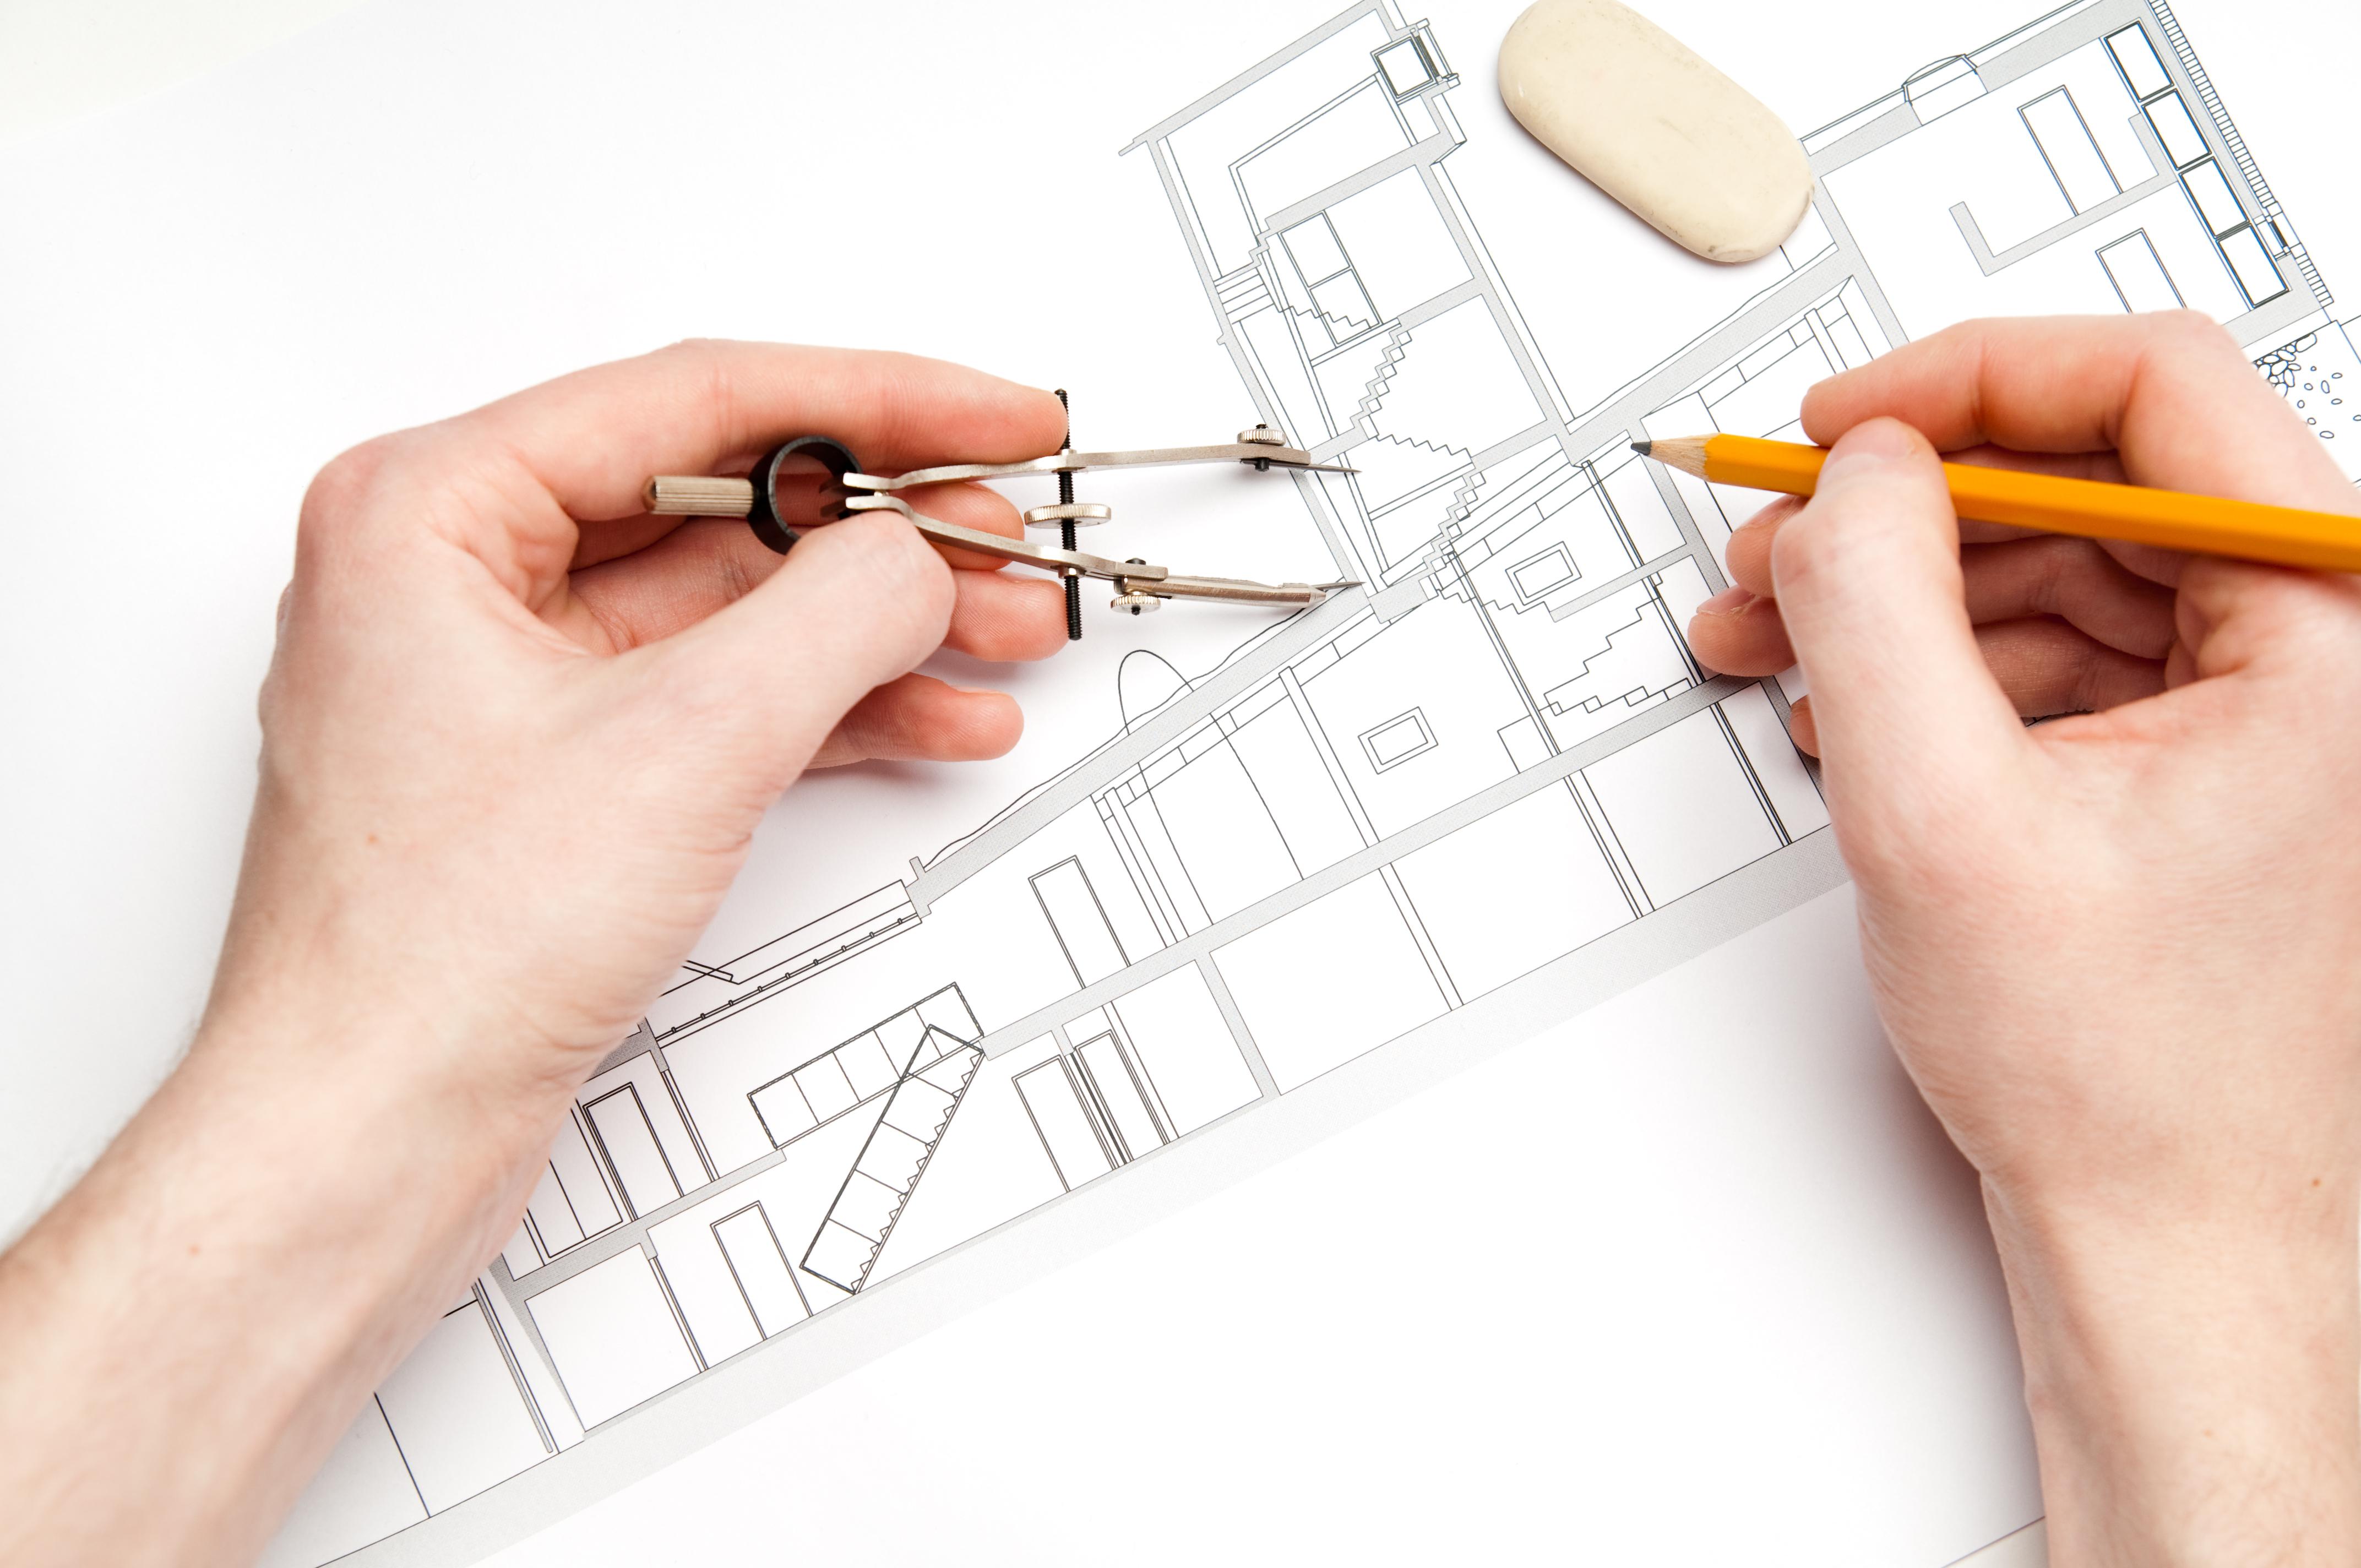 Проект загородного дома: практическая и юридическая роль